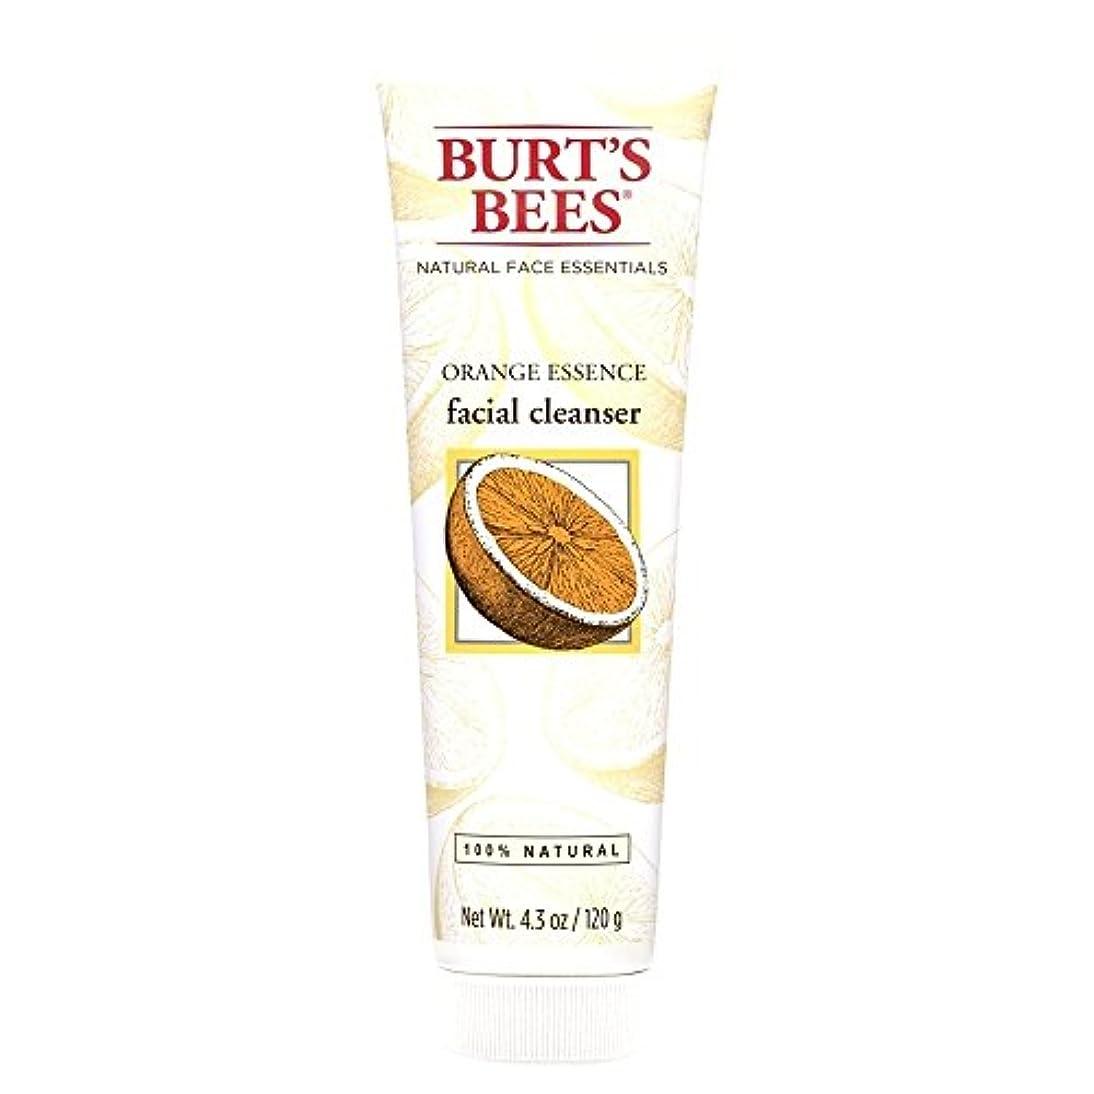 奨励します福祉不適切なバーツビーオレンジエッセンス洗顔料、125グラム (Burt's Bees) - Burt's Bees Orange Essence Facial Cleanser, 125g [並行輸入品]